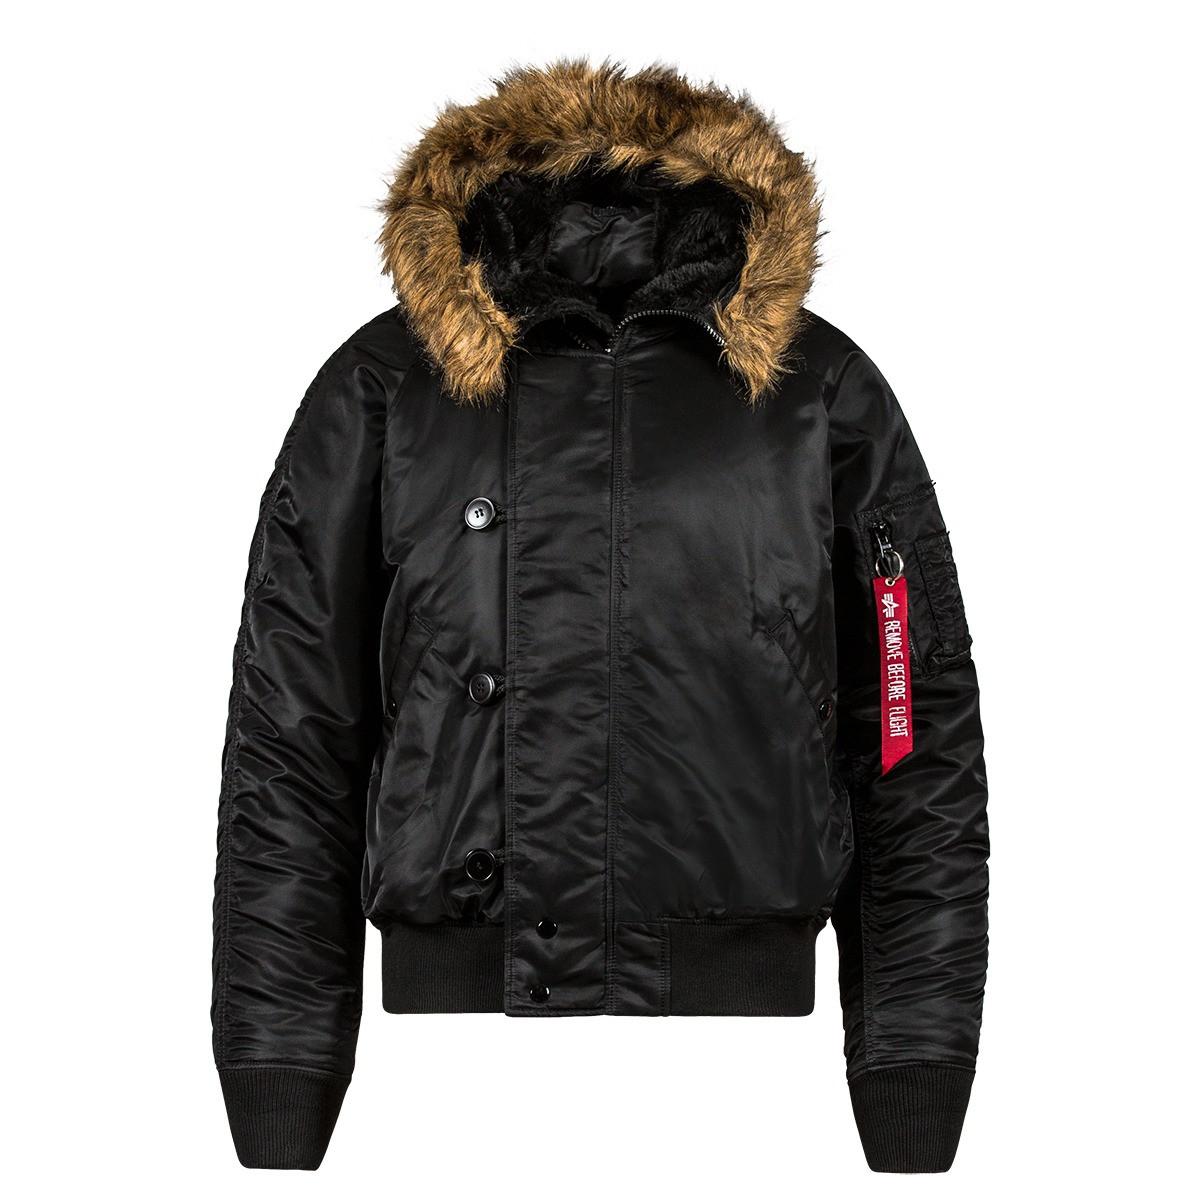 Зимняя мужская куртка N-2B Parka Alpha Industries